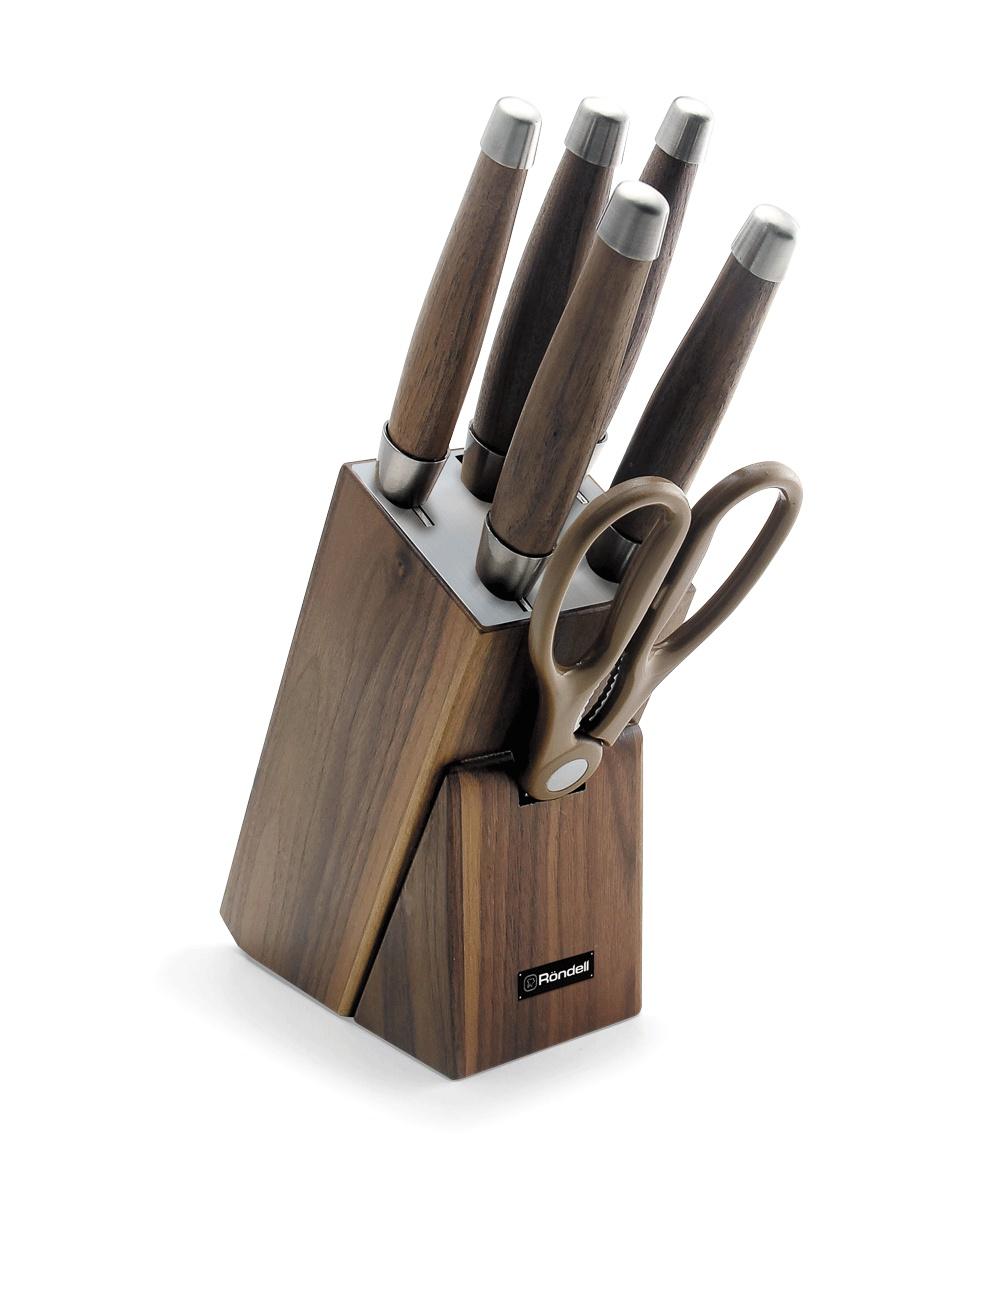 Набор из 5 ножей c ножницами на деревянной подставке Rondell Glaymore